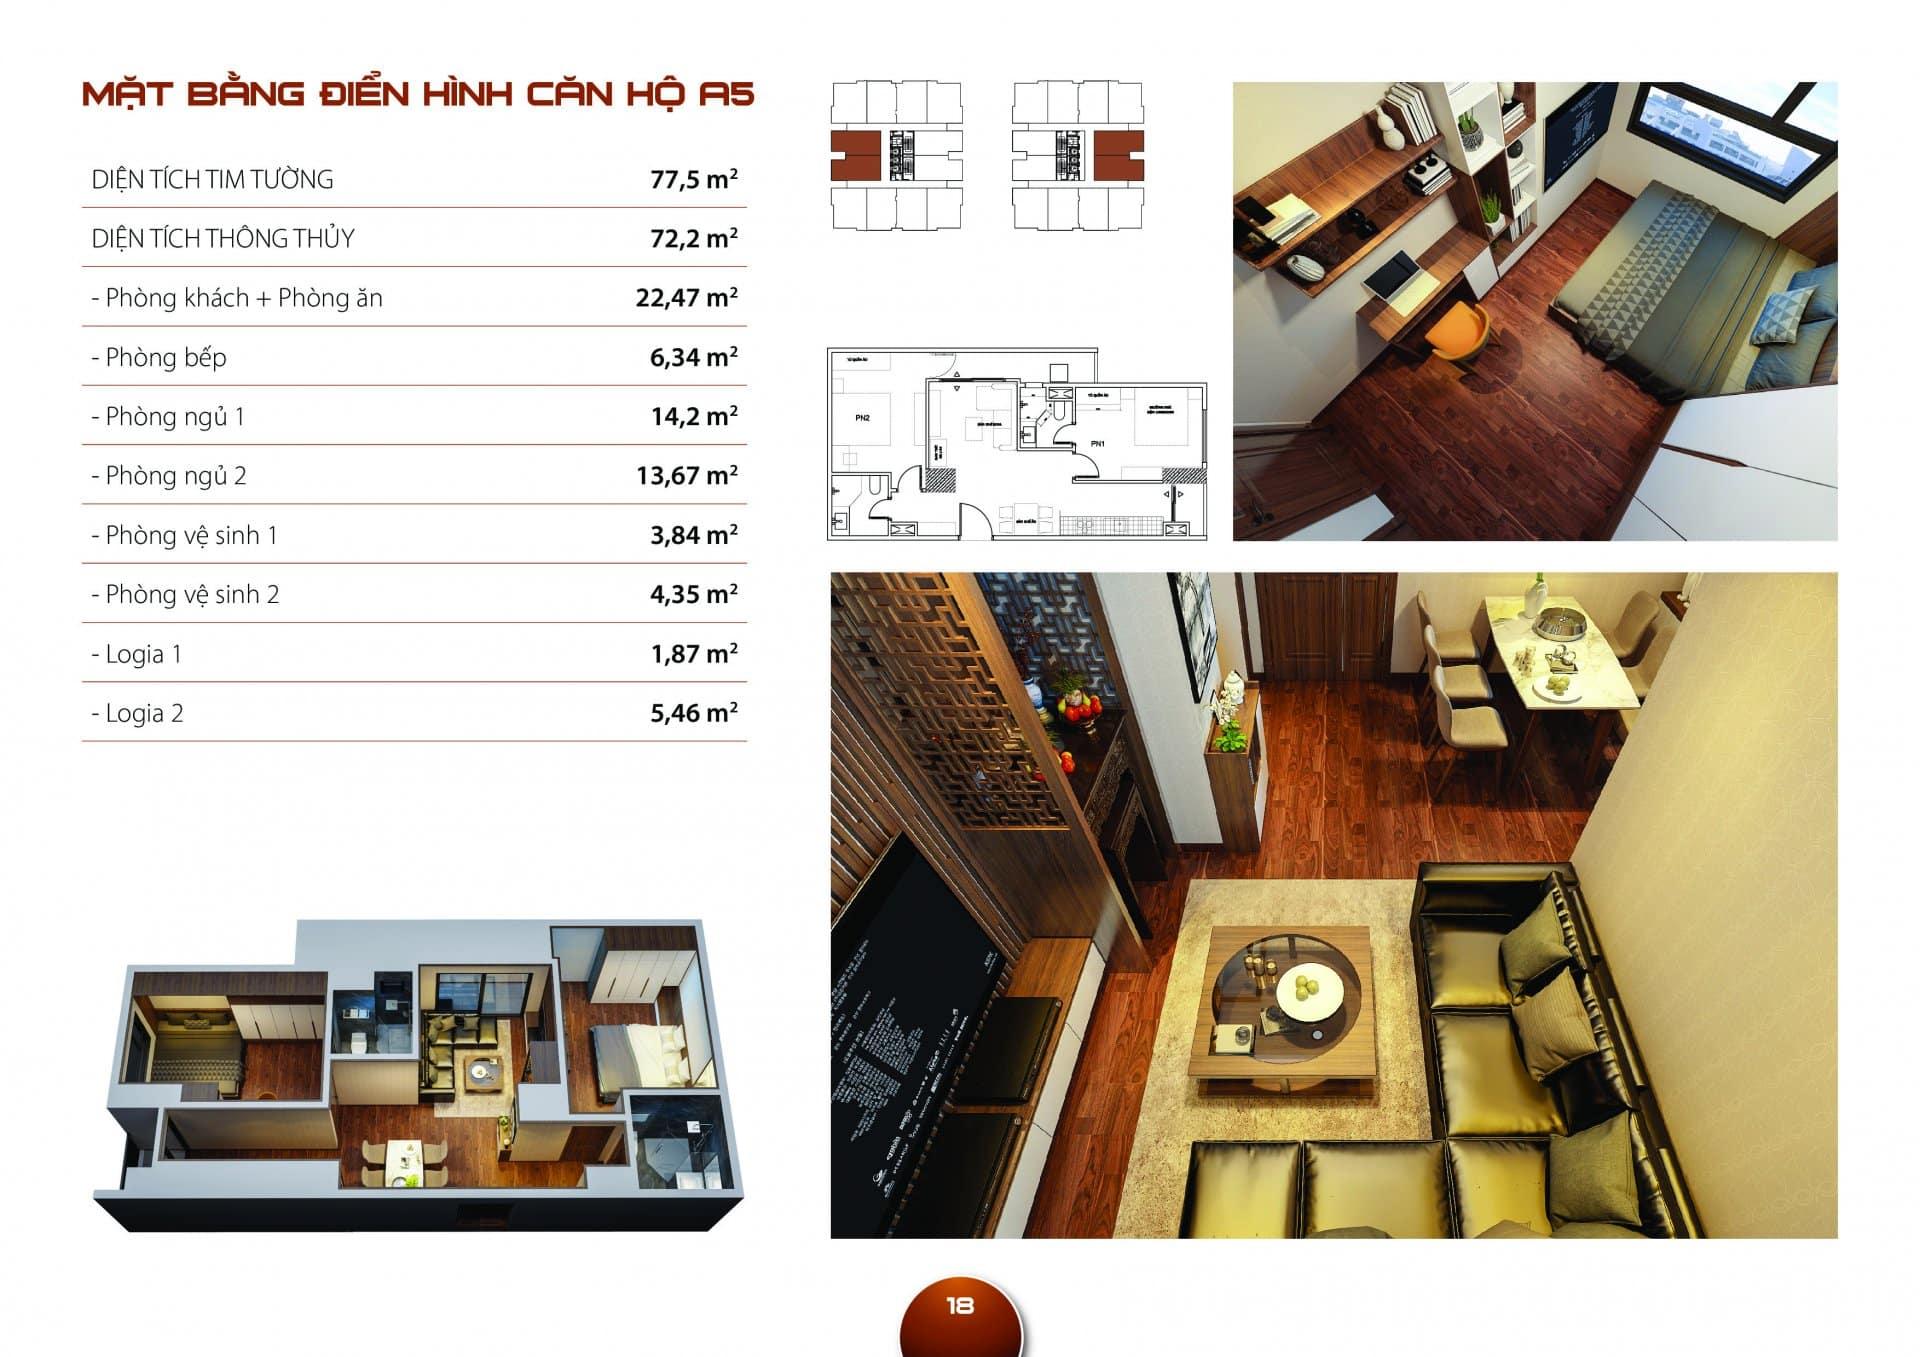 Căn hộ A5 Diện tích thông thủy 72,2m2 thiết kế 02 phòng ngủ